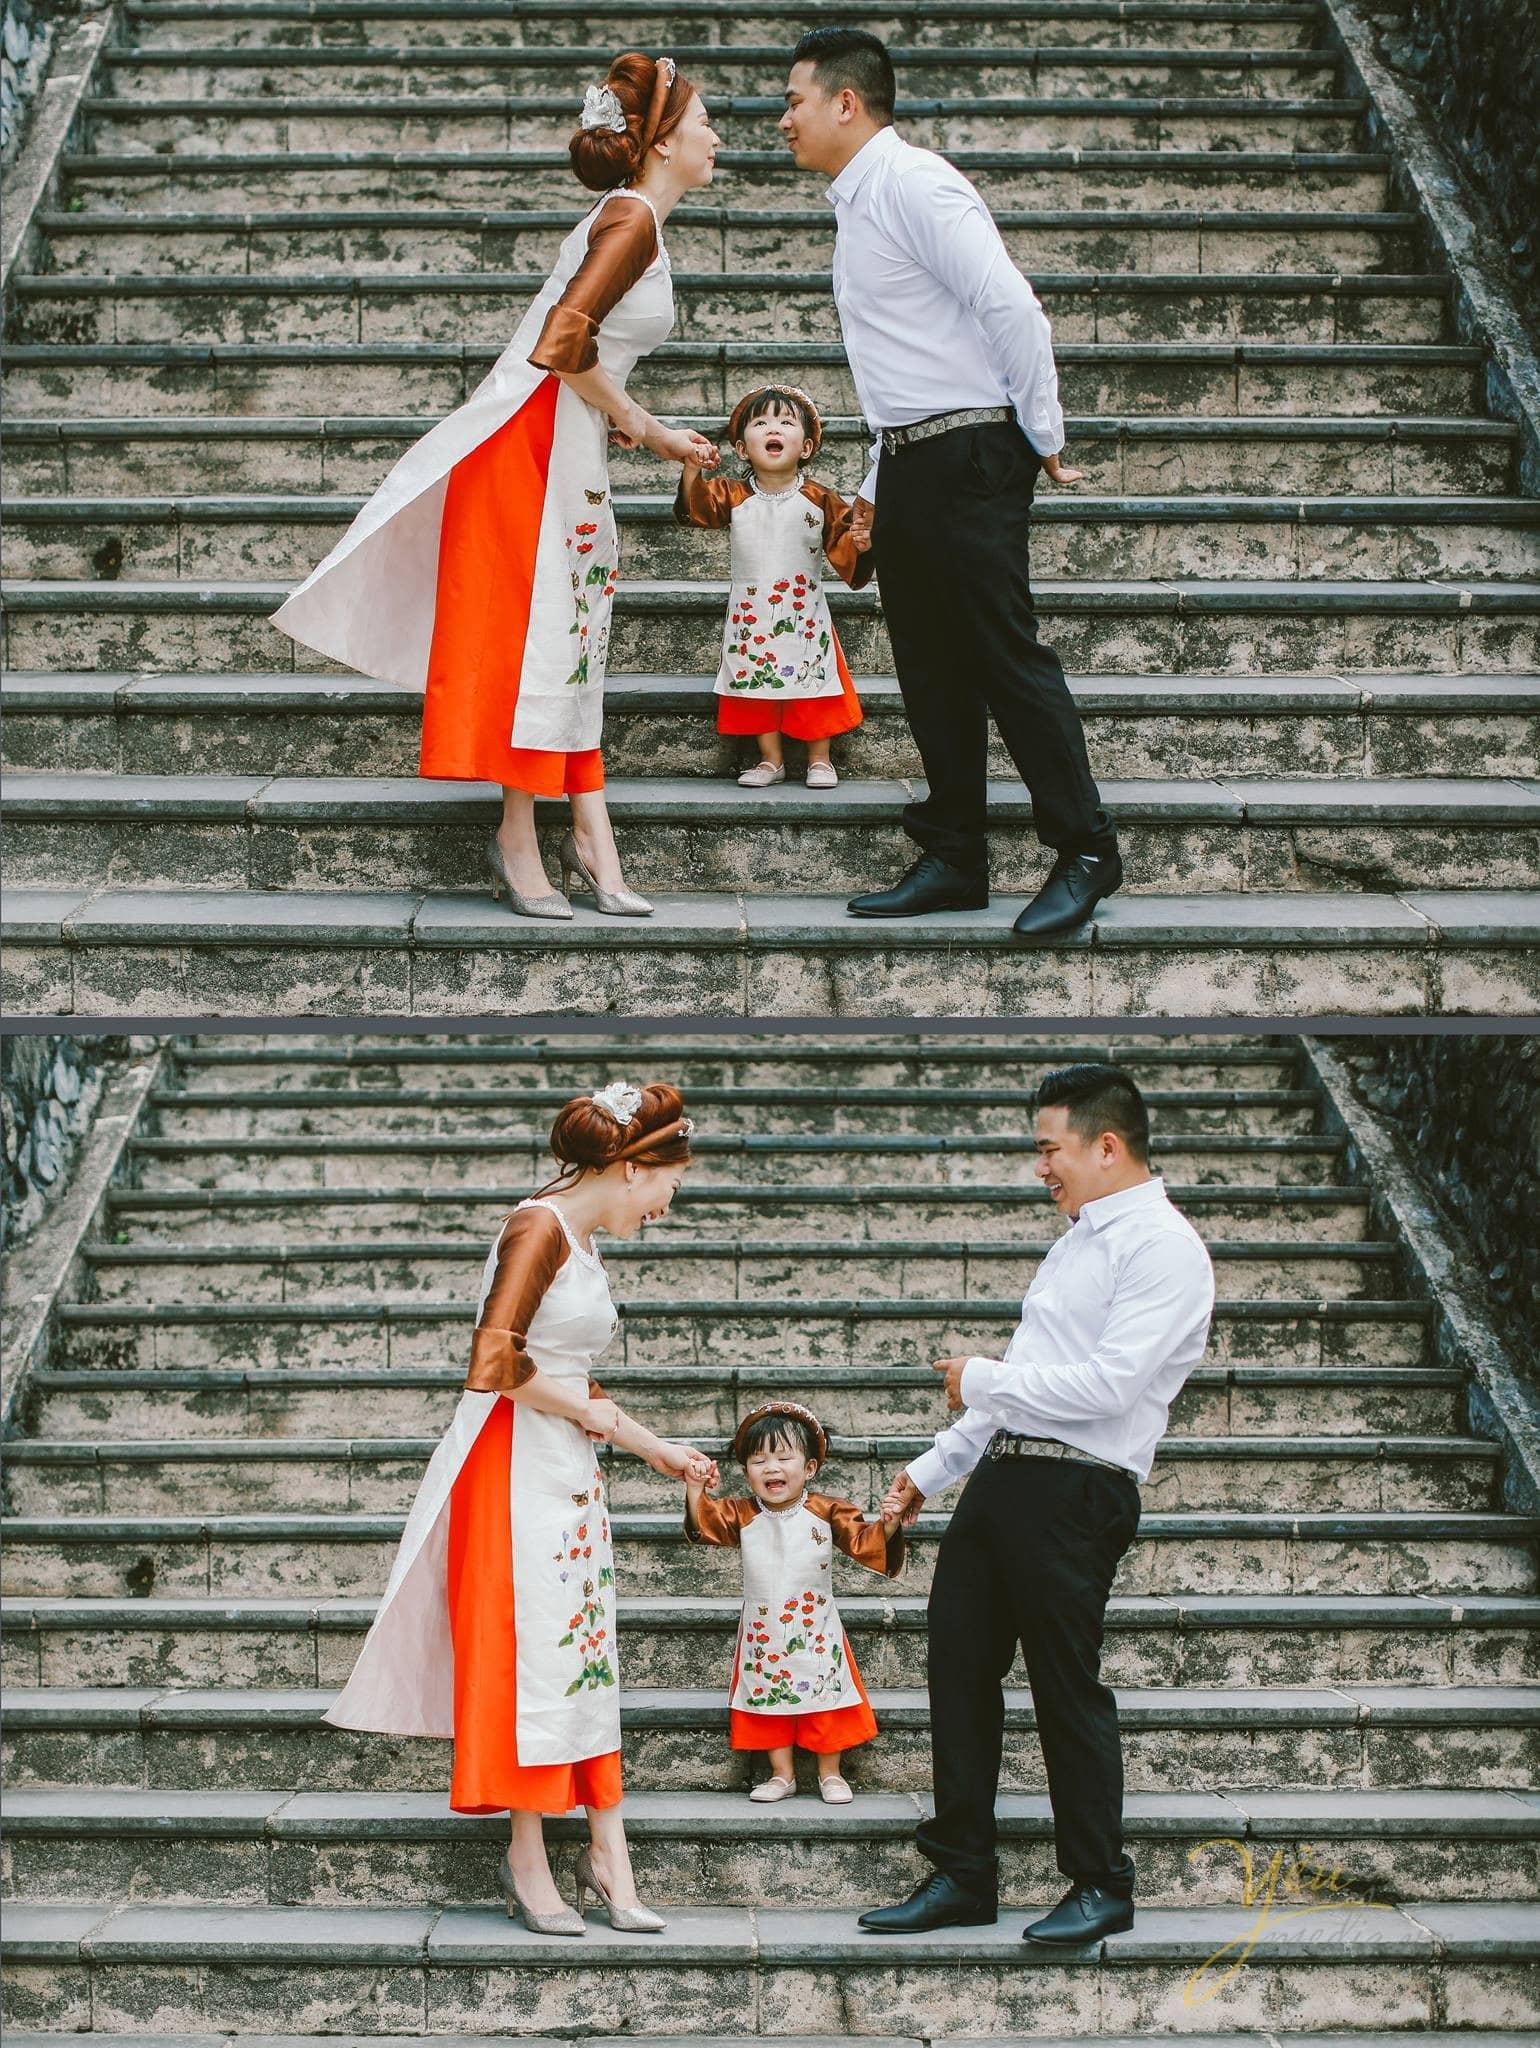 ba mẹ dắt tay con gái trên bậc thềm